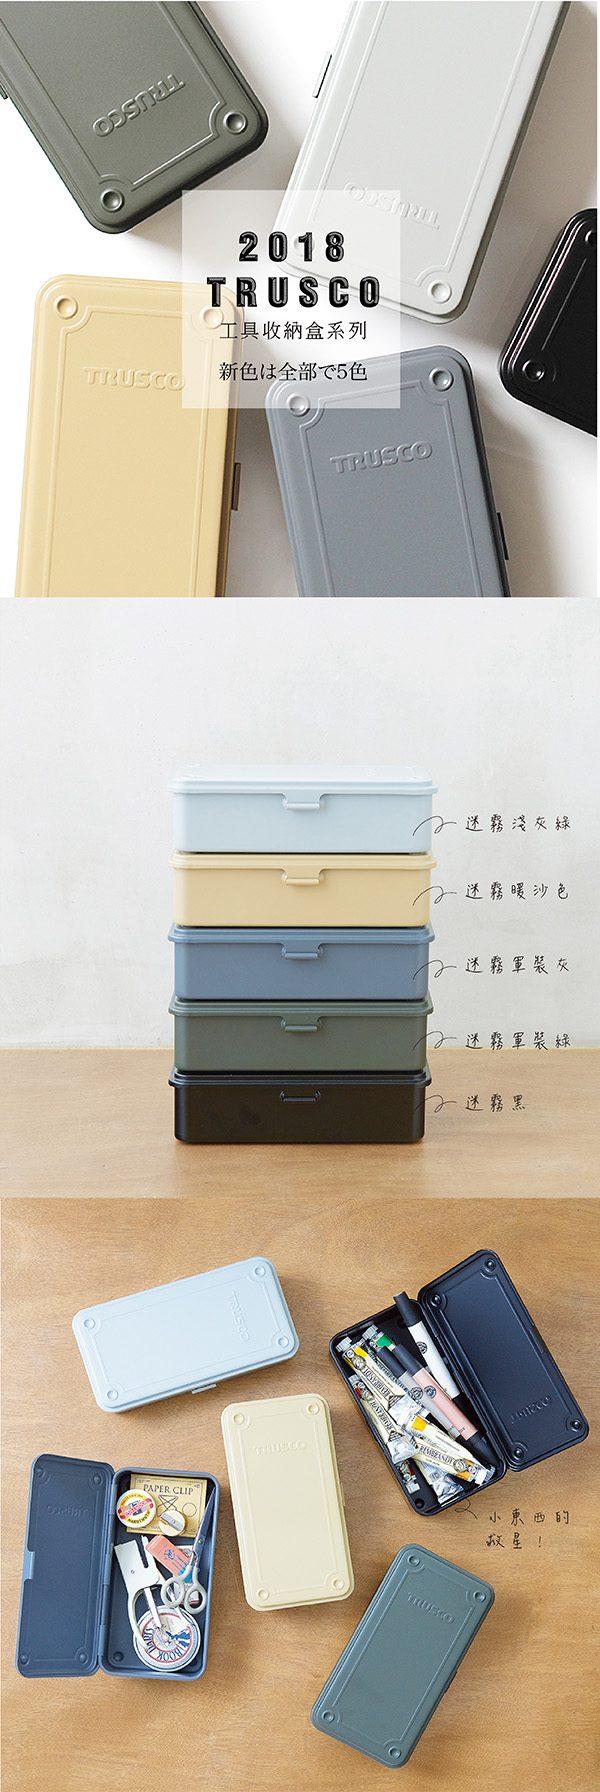 Trusco│ 上掀式收納盒(大)-迷霧暖沙色